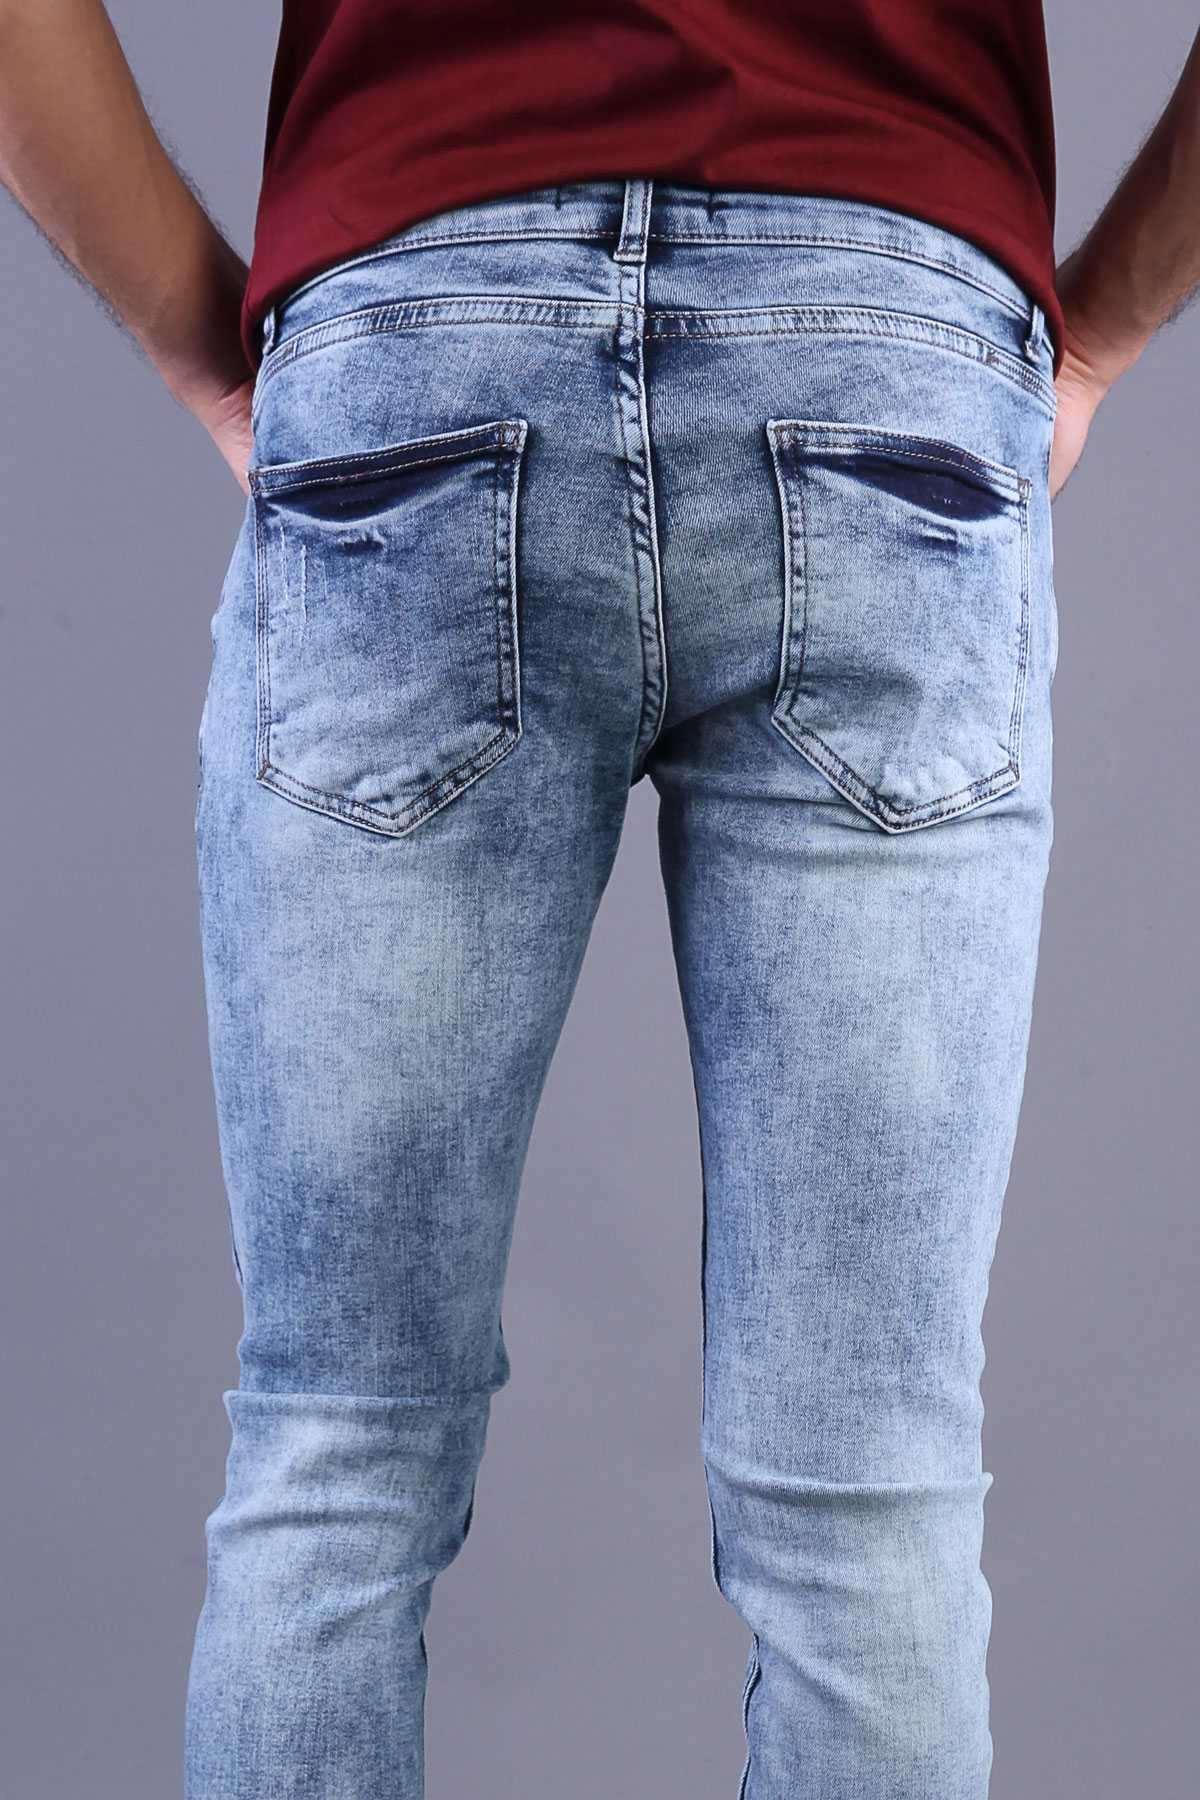 İp Yamalı Lazer Tırtıklı Paça Püsküllü Bilek Boy Kot Pantolon Açık-Mavi